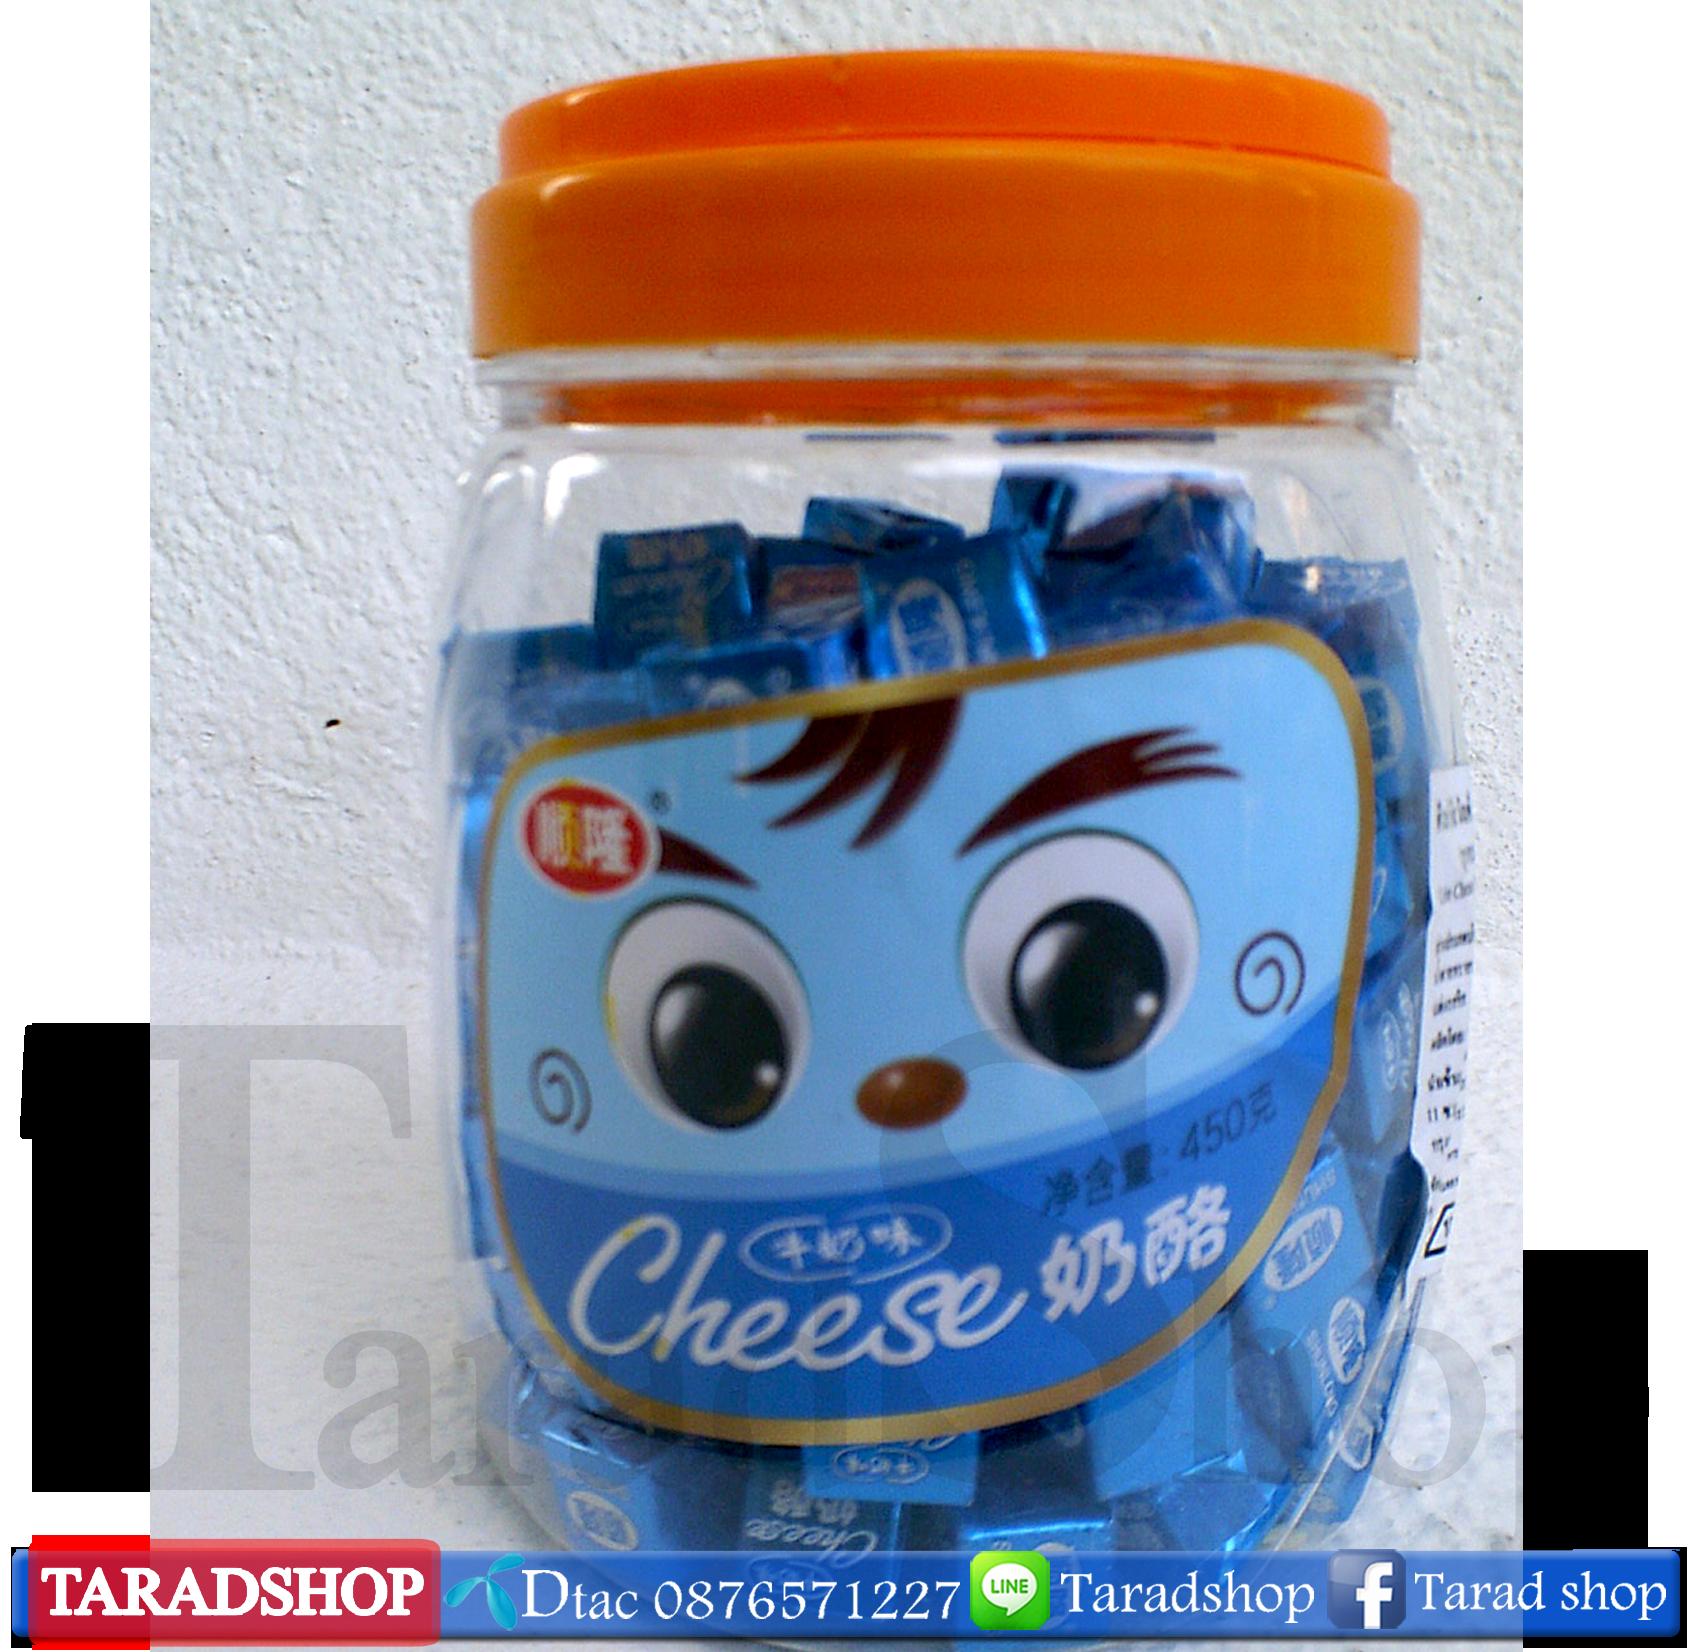 ลูกอมนมคิวบ์ชีส cube cheese 6 รส 【1กระปุก】